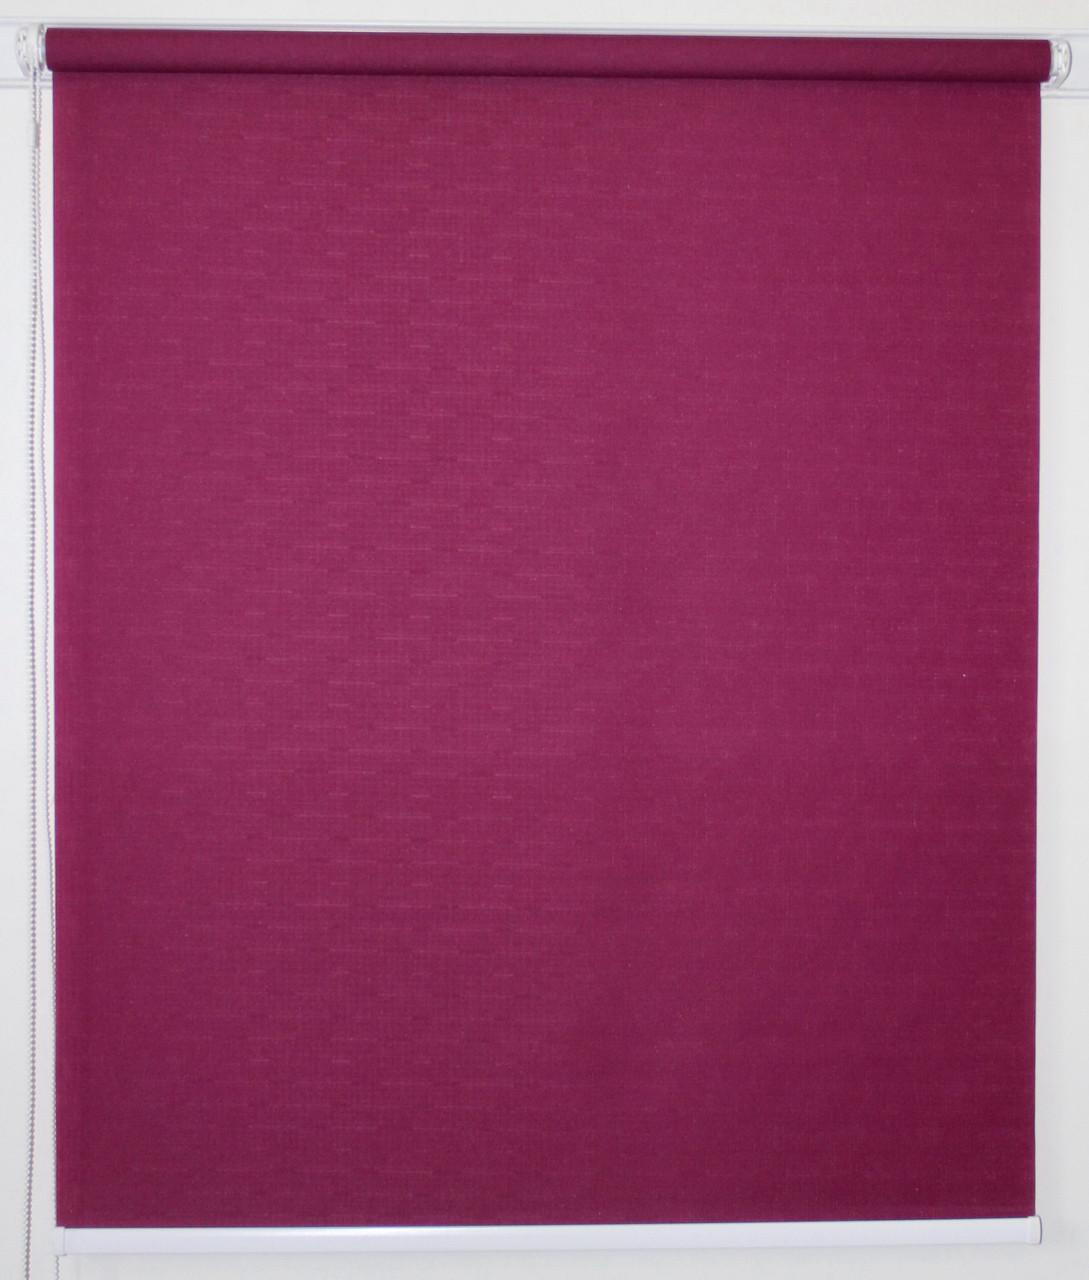 Рулонная штора 950*1500 Лён 7446 Пурпурно-красный